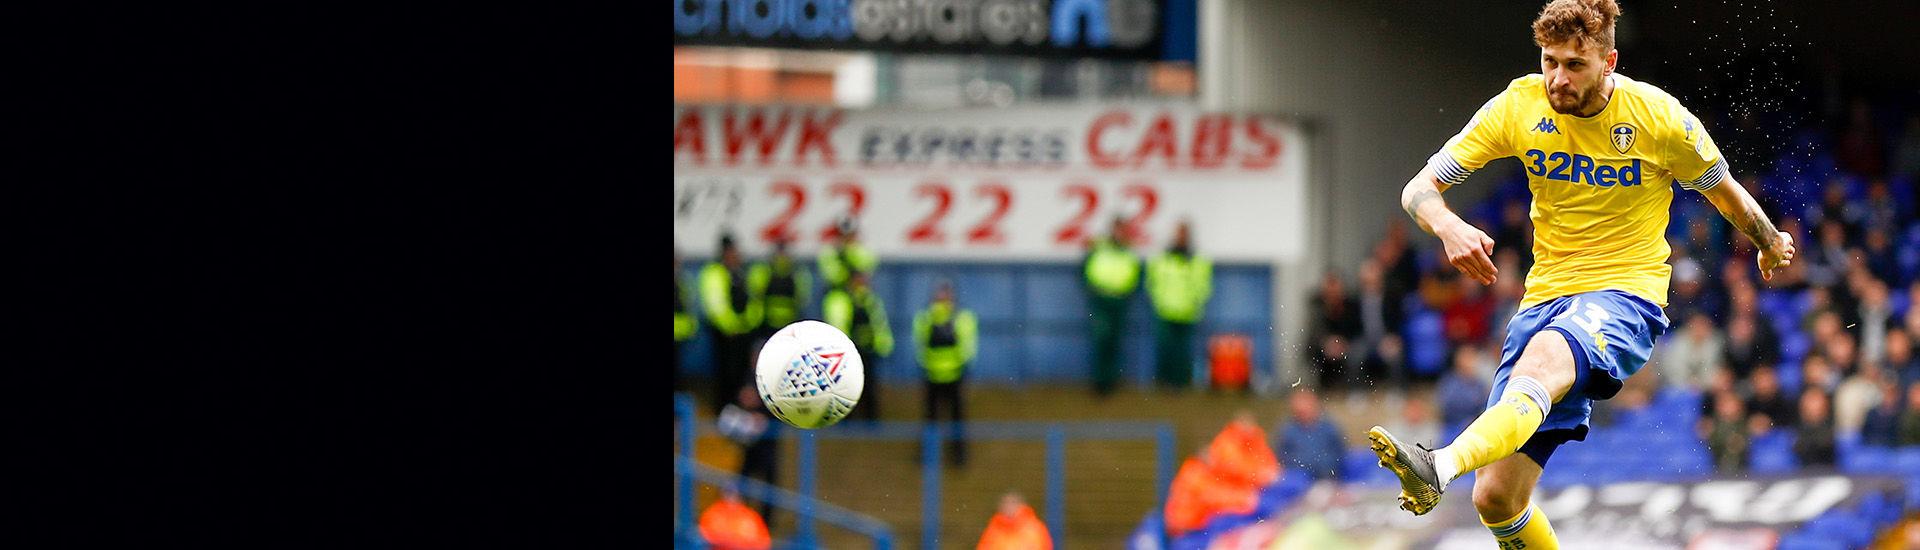 Report: Ipswich Town 3 - 2 Leeds United